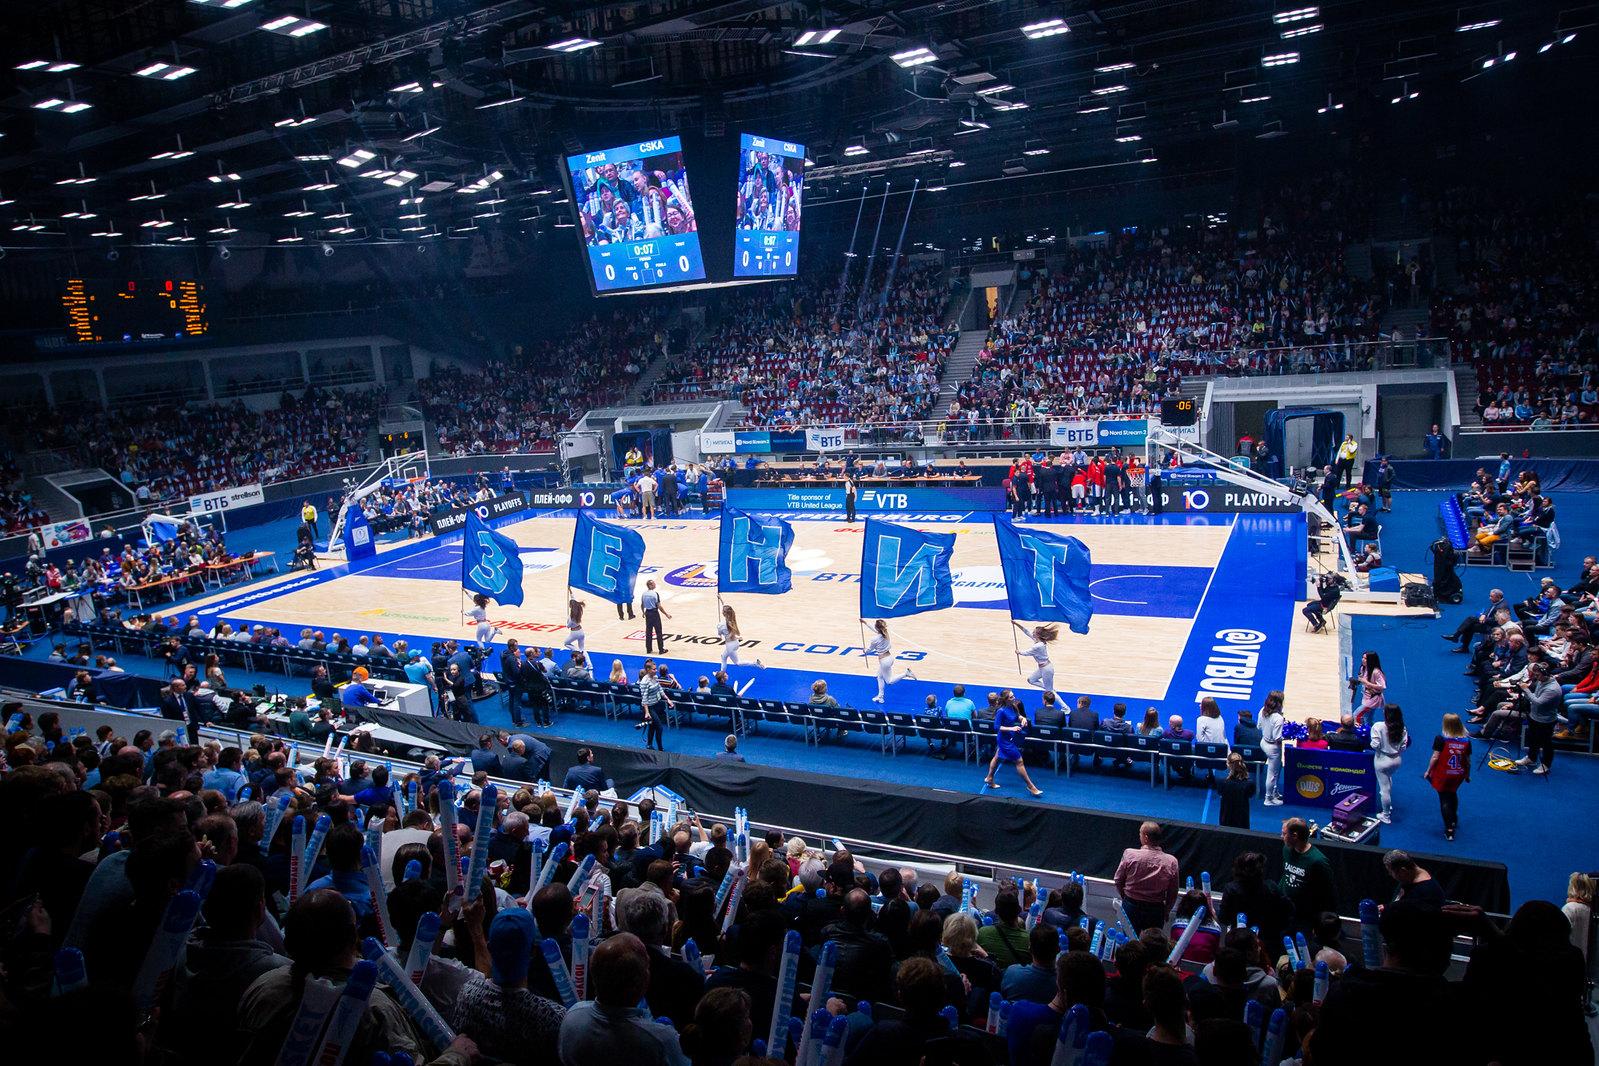 Zenit Receives 2019-20 EuroLeague Wild Card